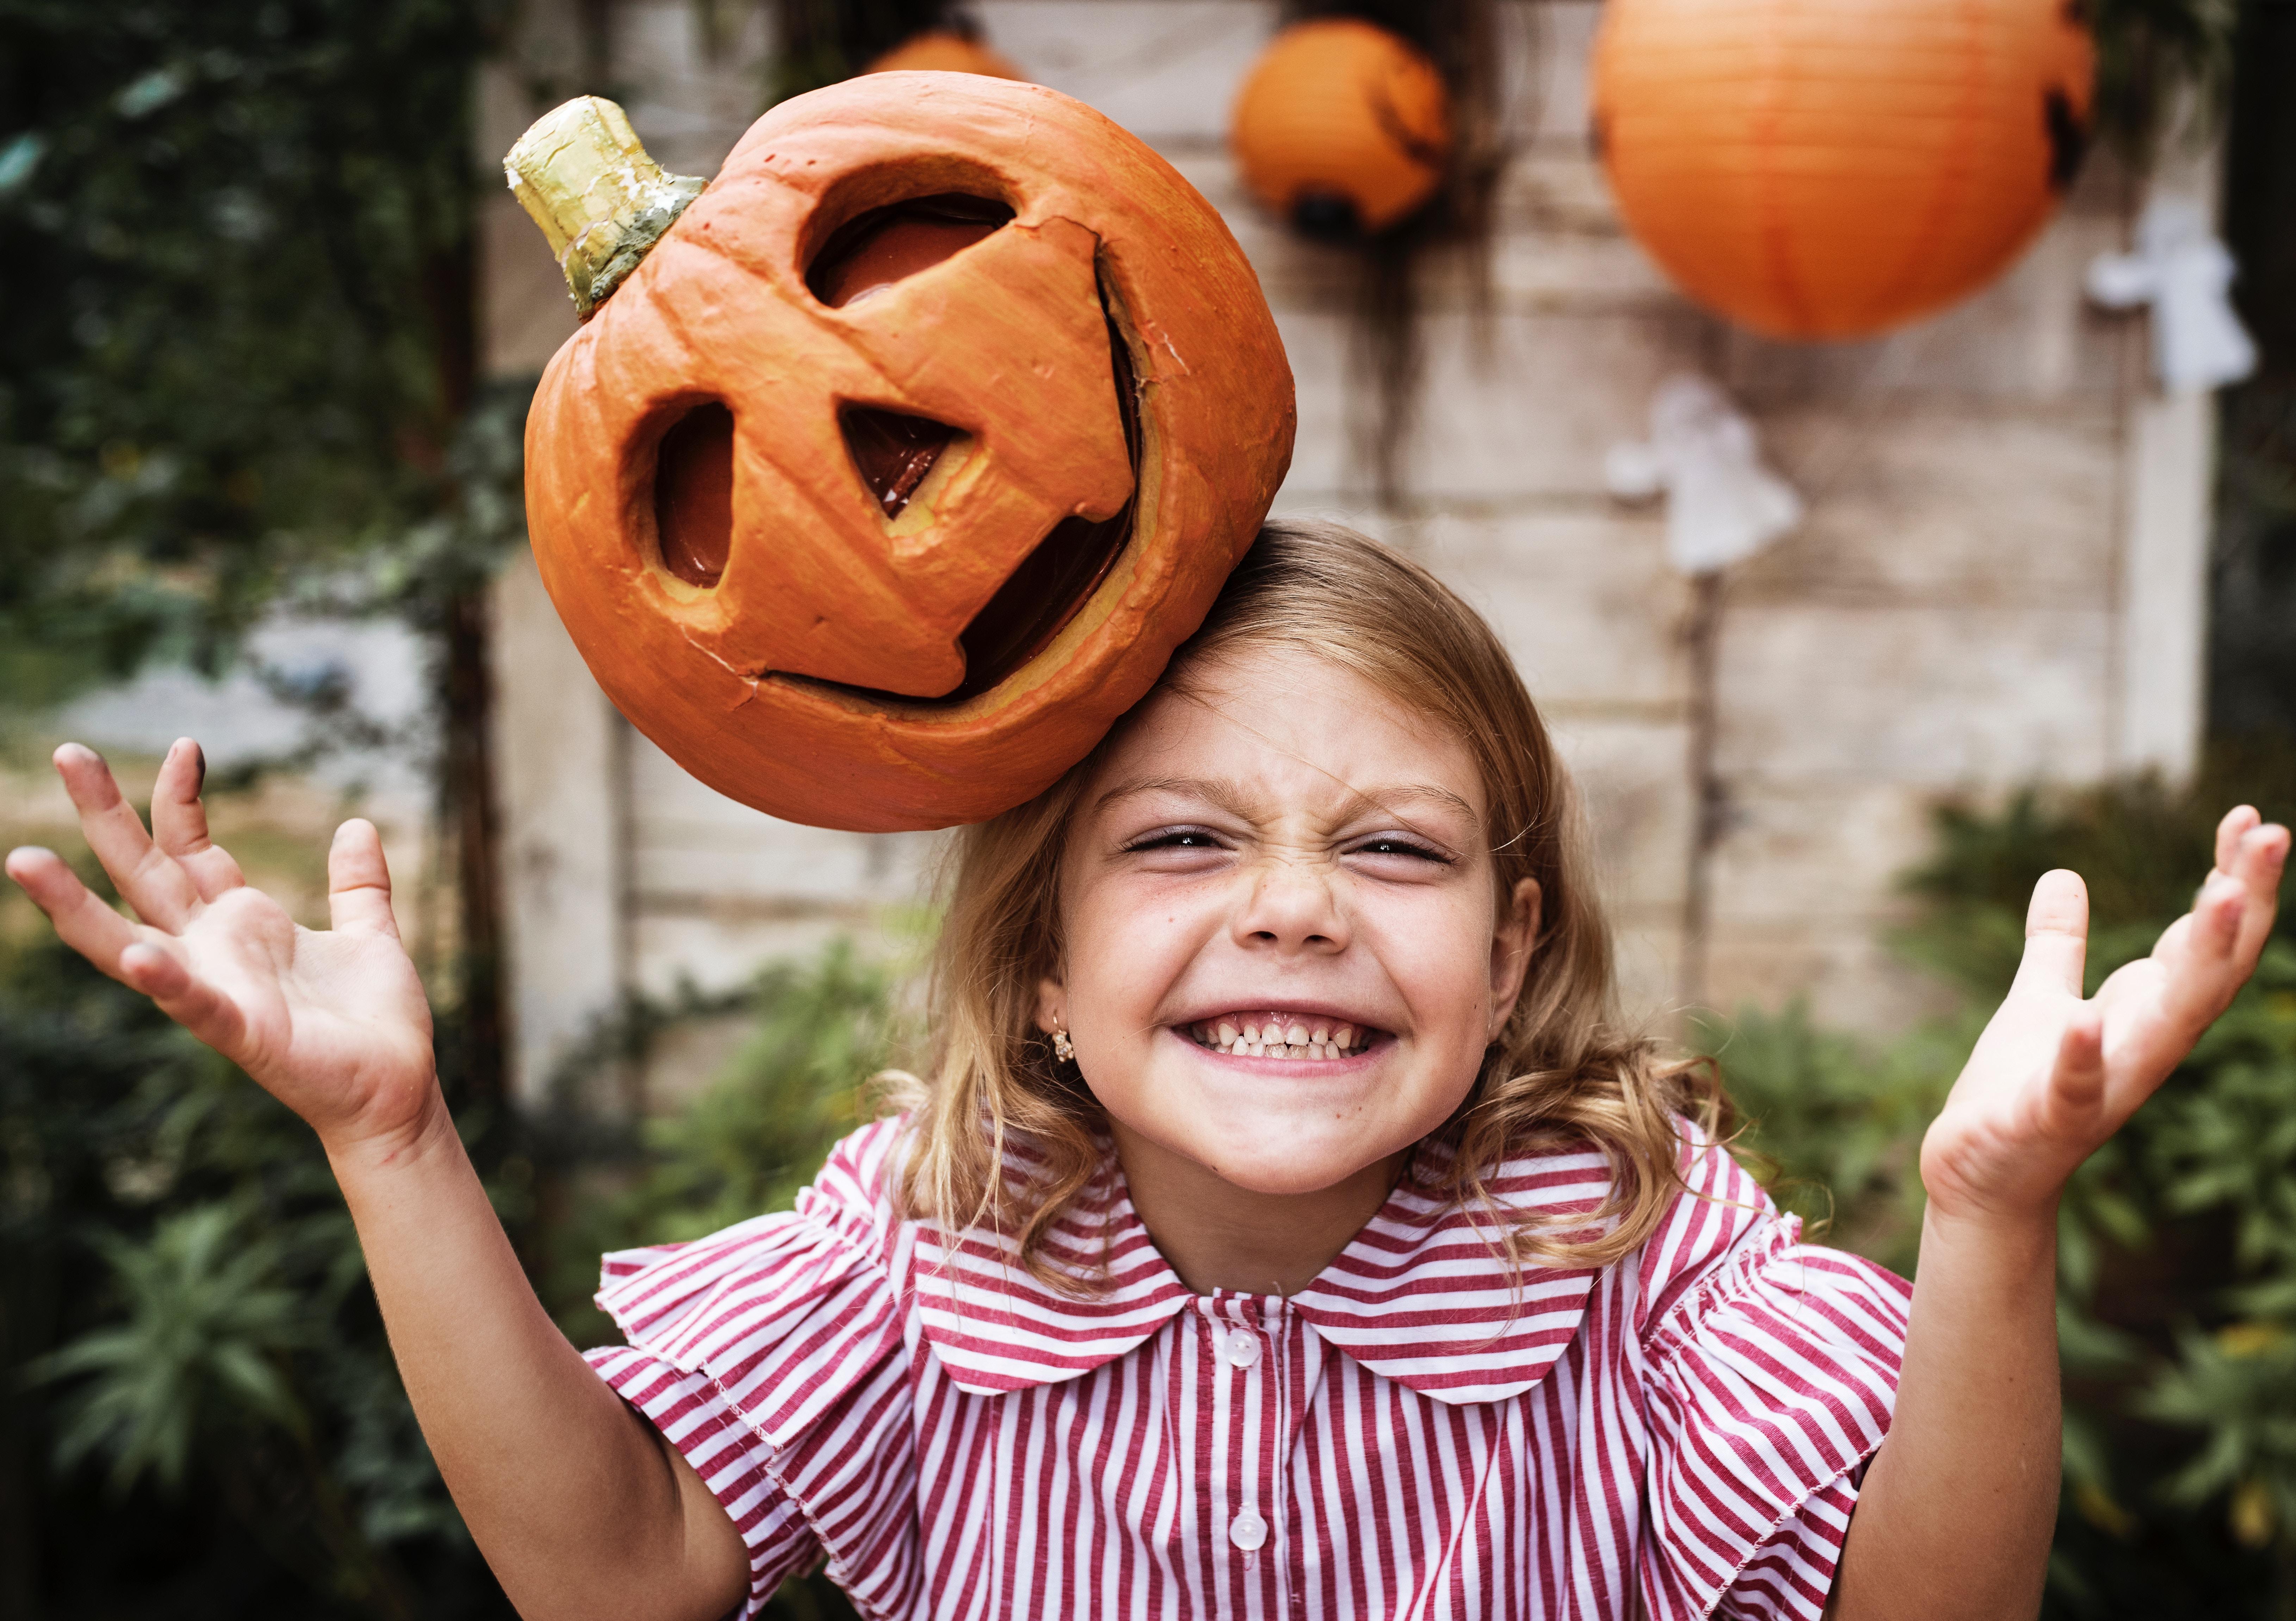 Картинки на хэллоуин для детей от 9-12